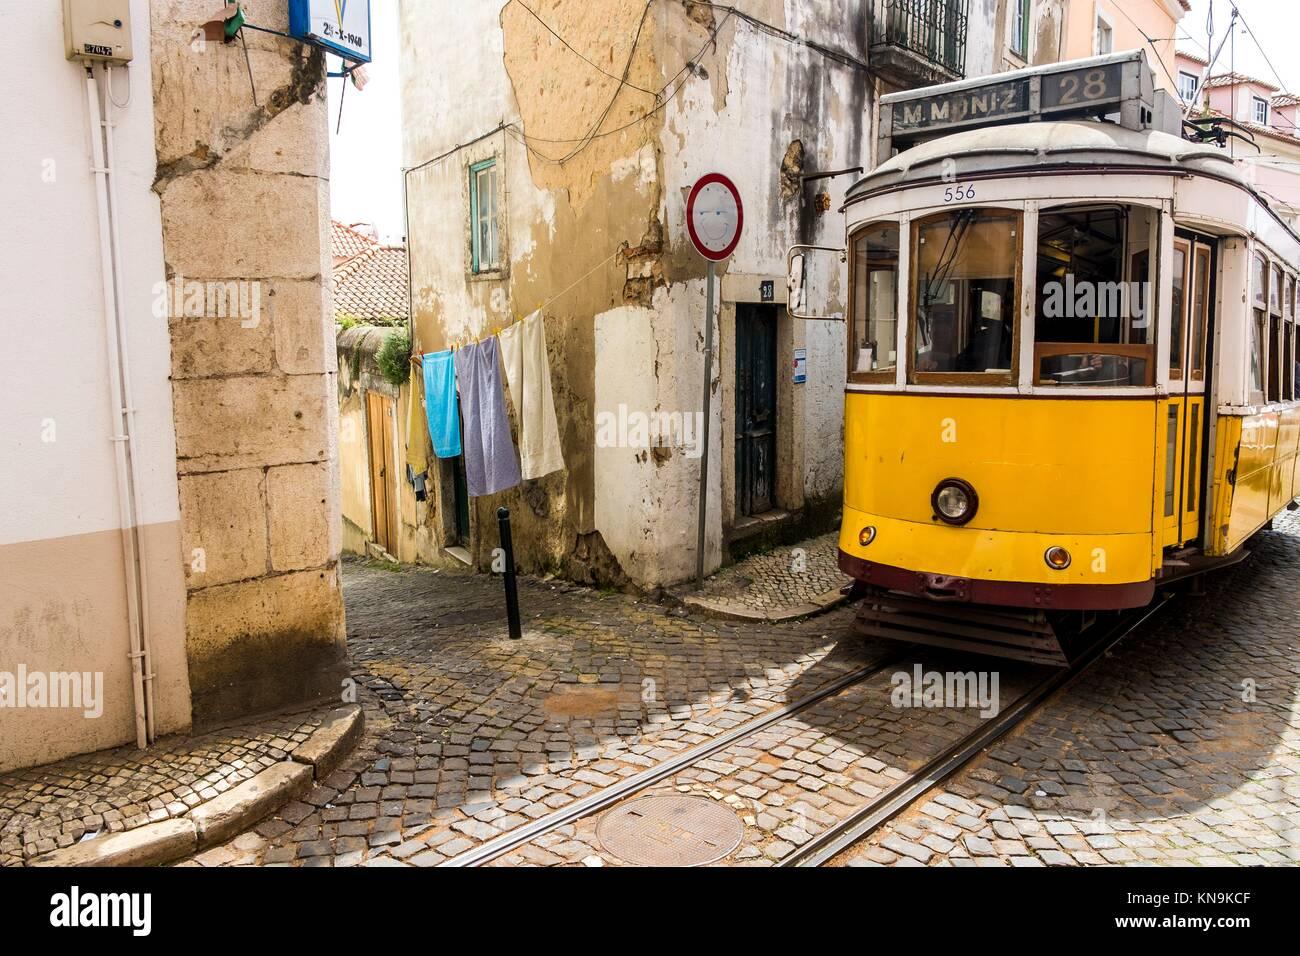 Klassische Straßenbahnlinie 28 im Stadtteil Alfama in Lissabon Portugal. Stockbild